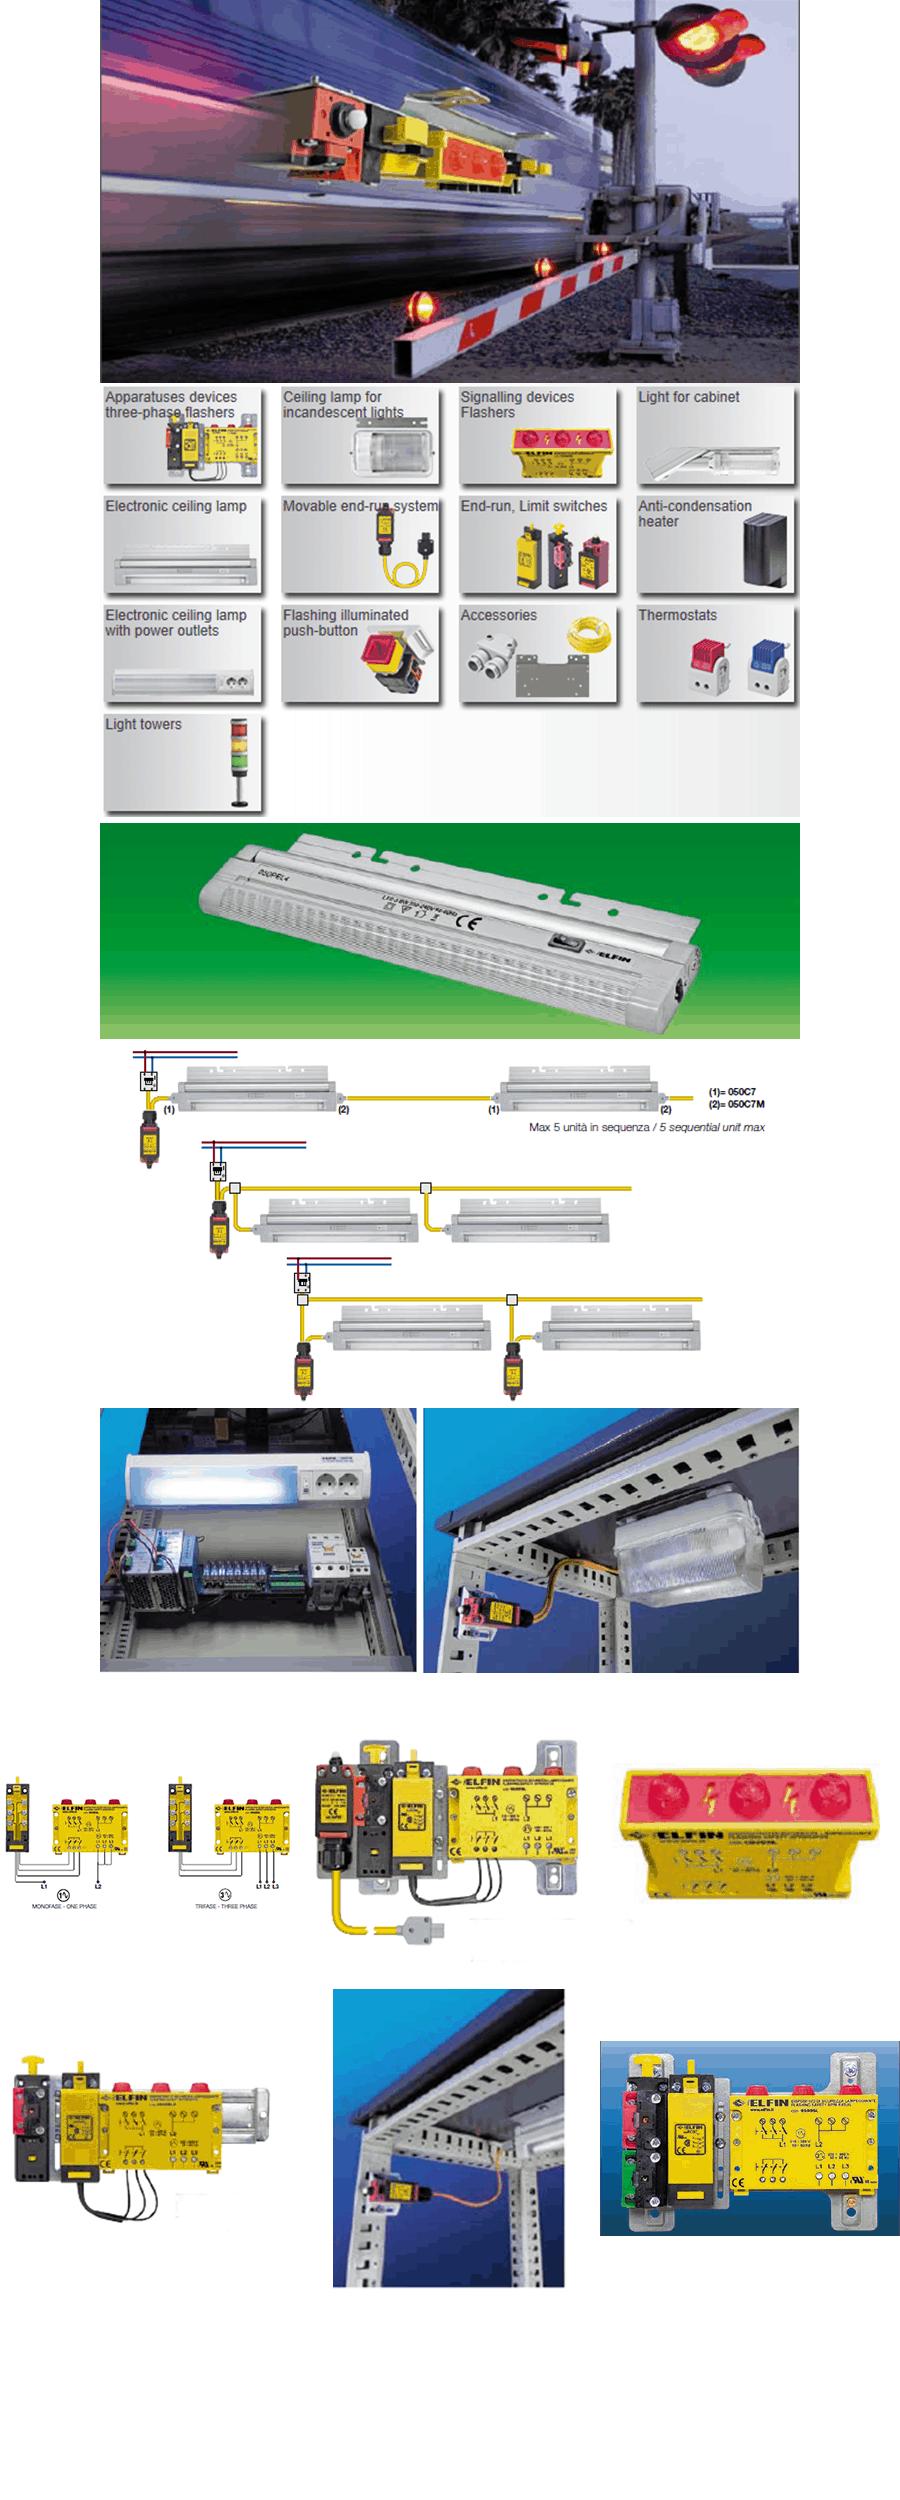 Signaling Light, Warning Light, Panel Light